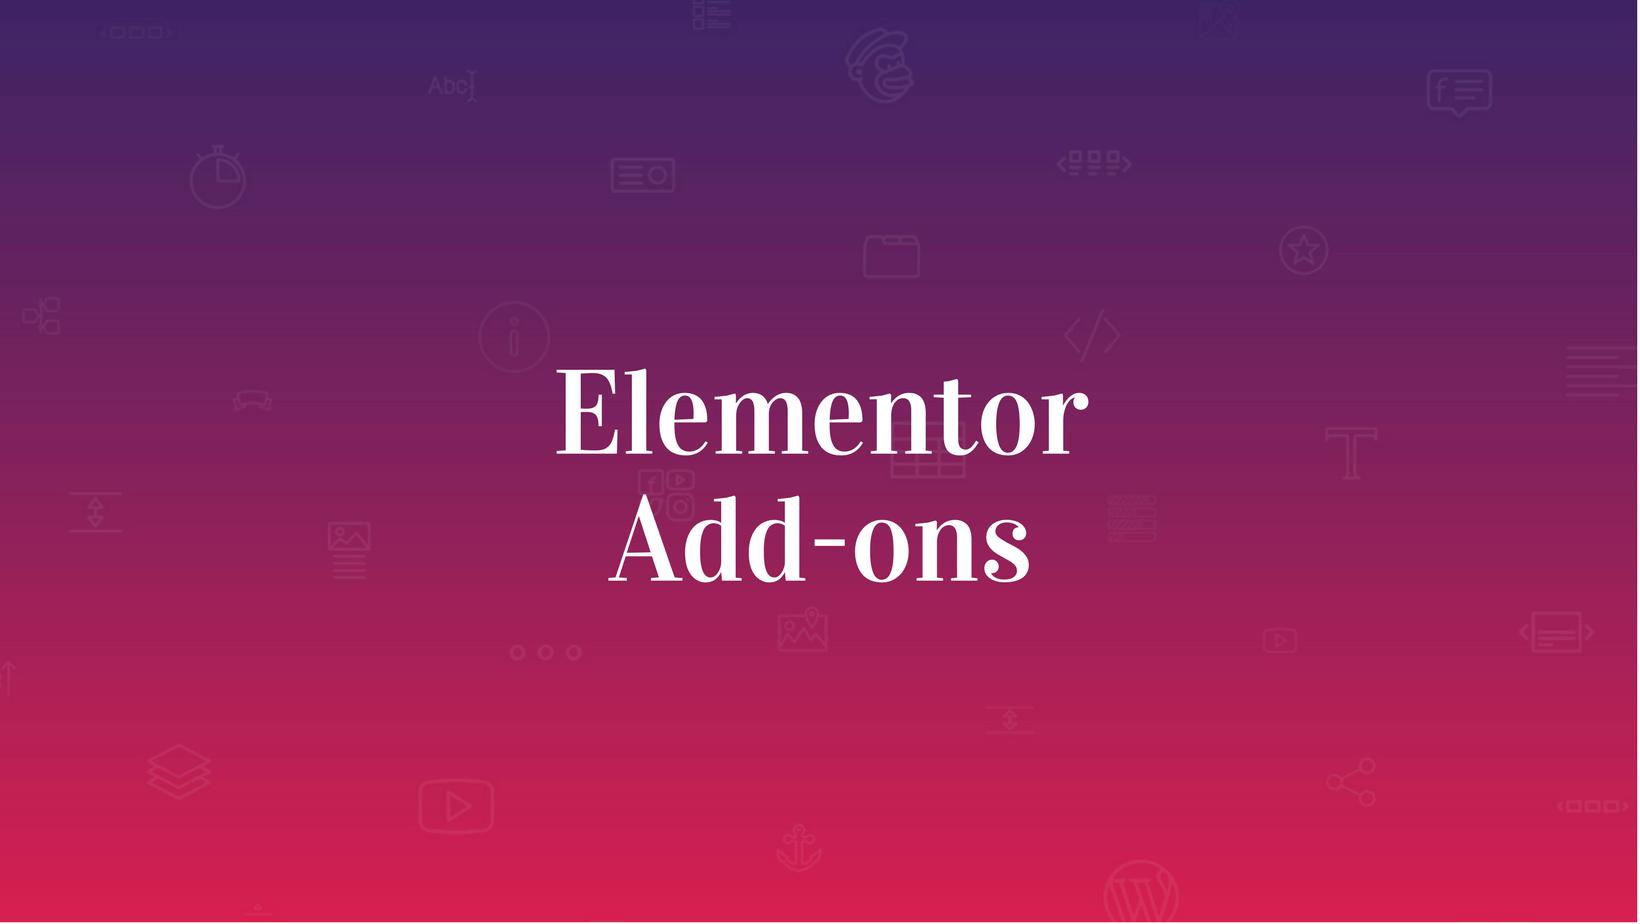 elementor-add-ons